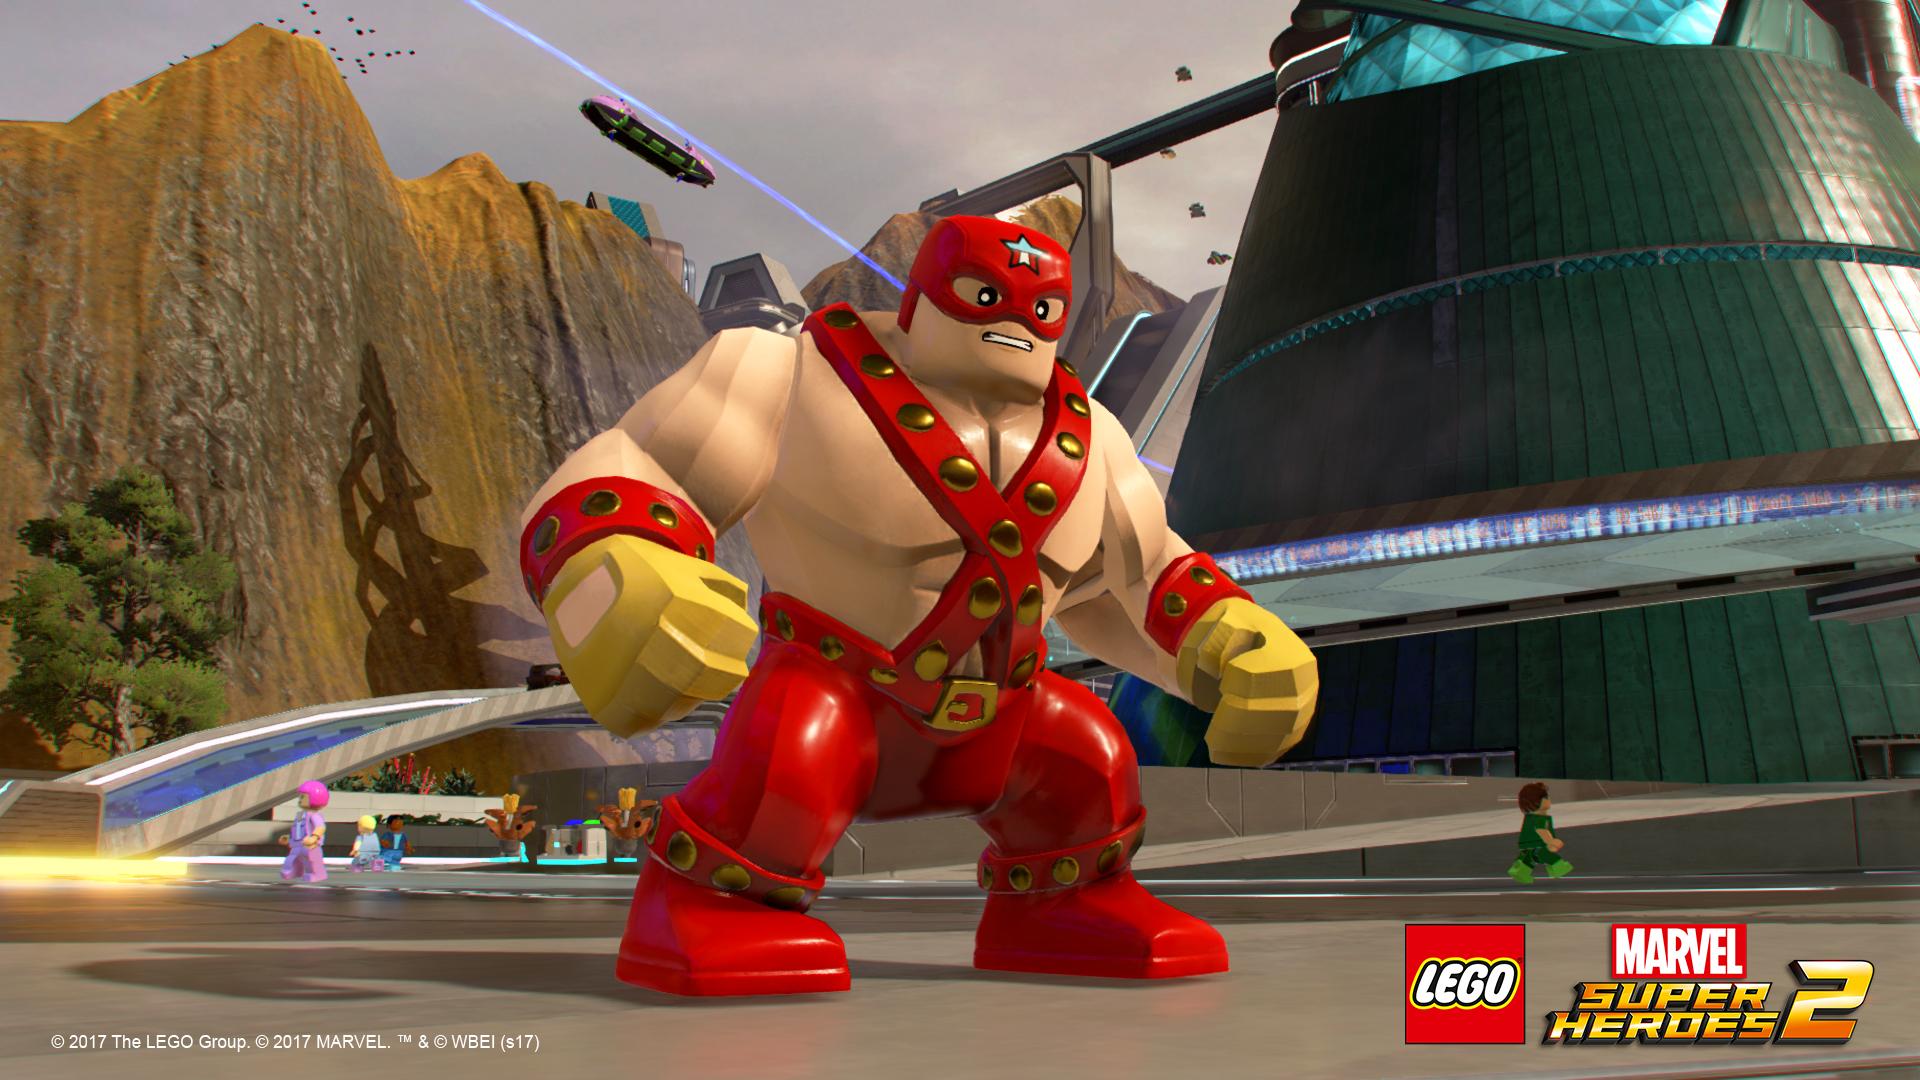 LEGO_Marvel_Super_Heroes_2_-_Charlie-27_1507794989